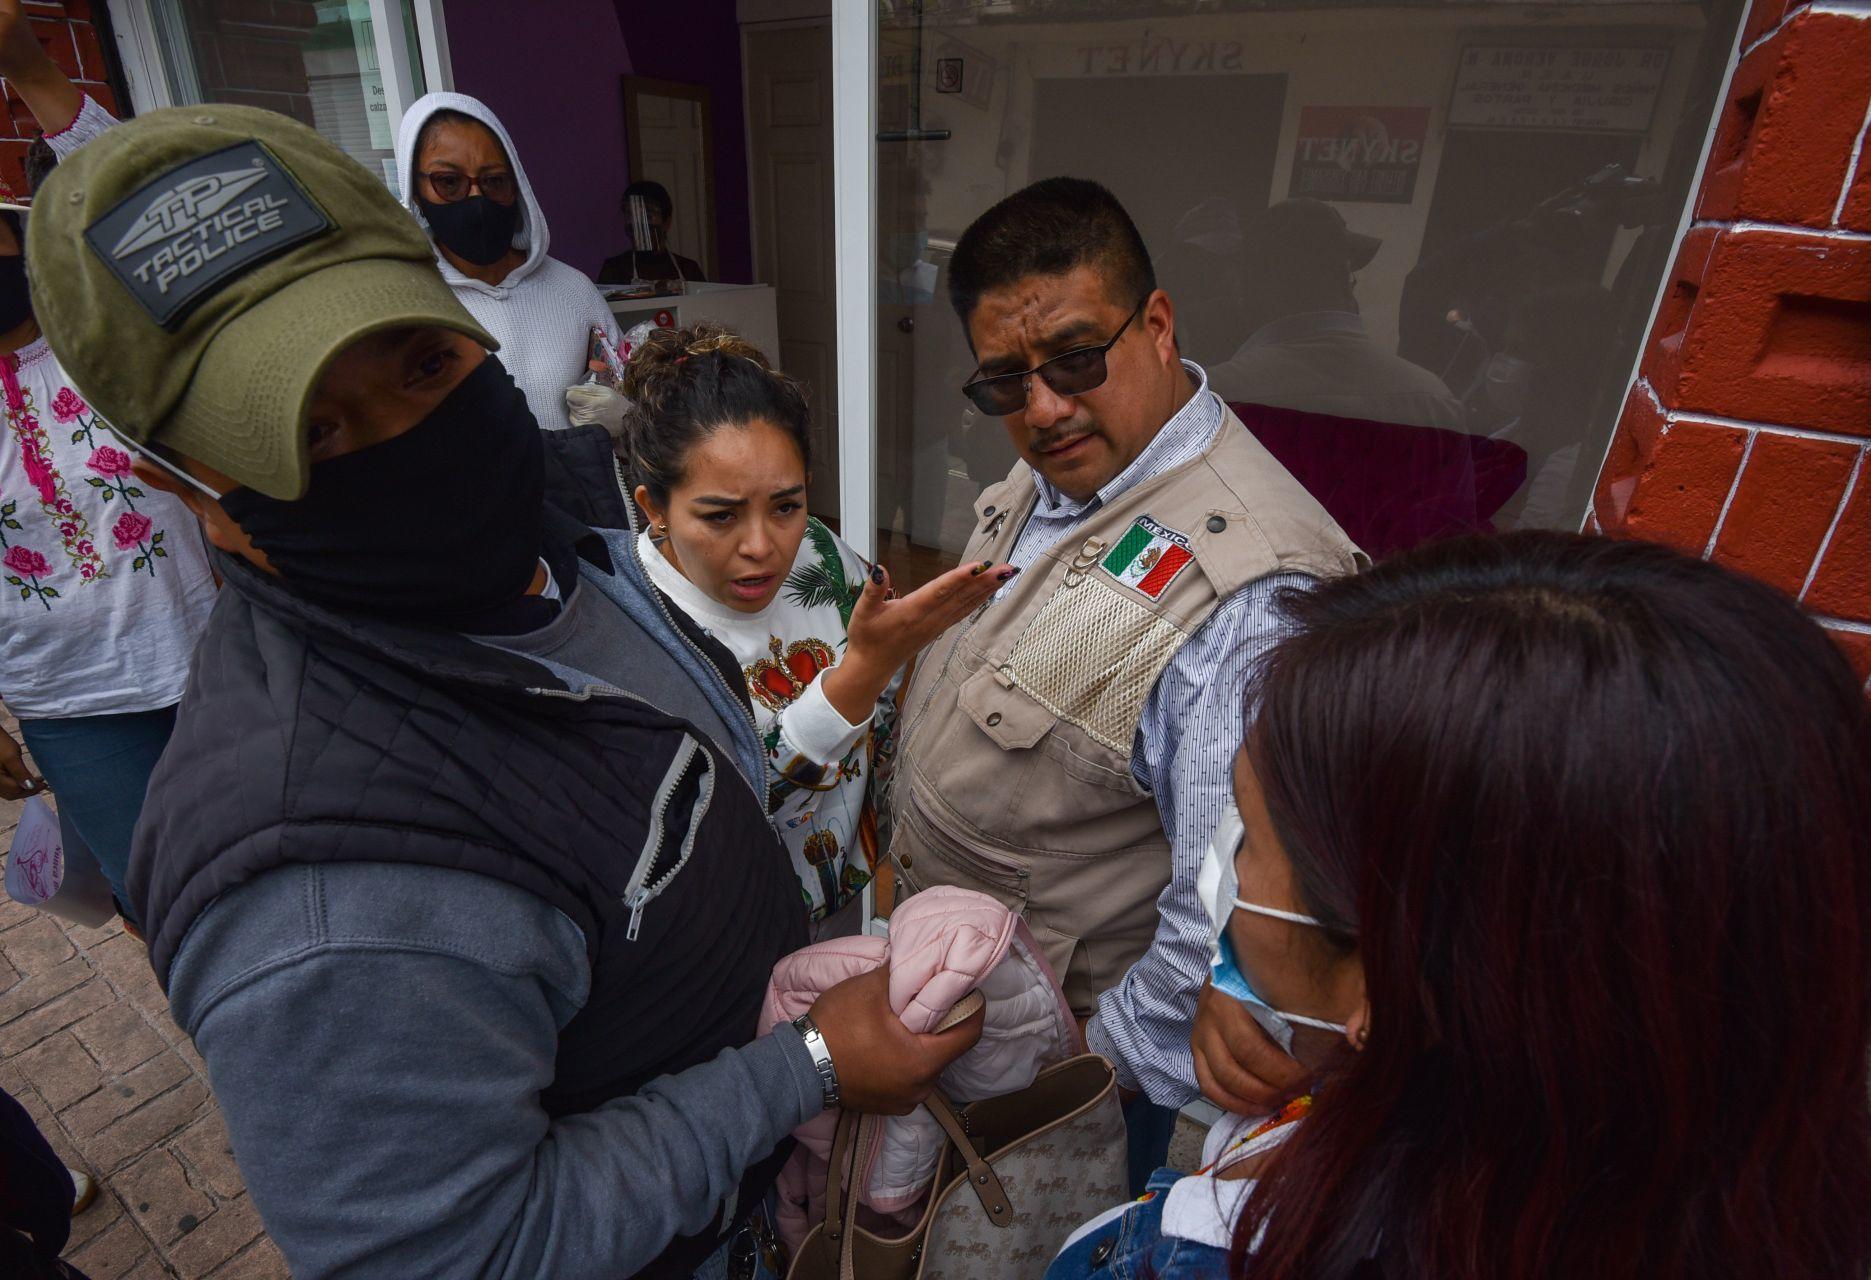 Alcaldesa fue descubierta en un salón de belleza (en horario laboral) durante protesta contra la inseguridad